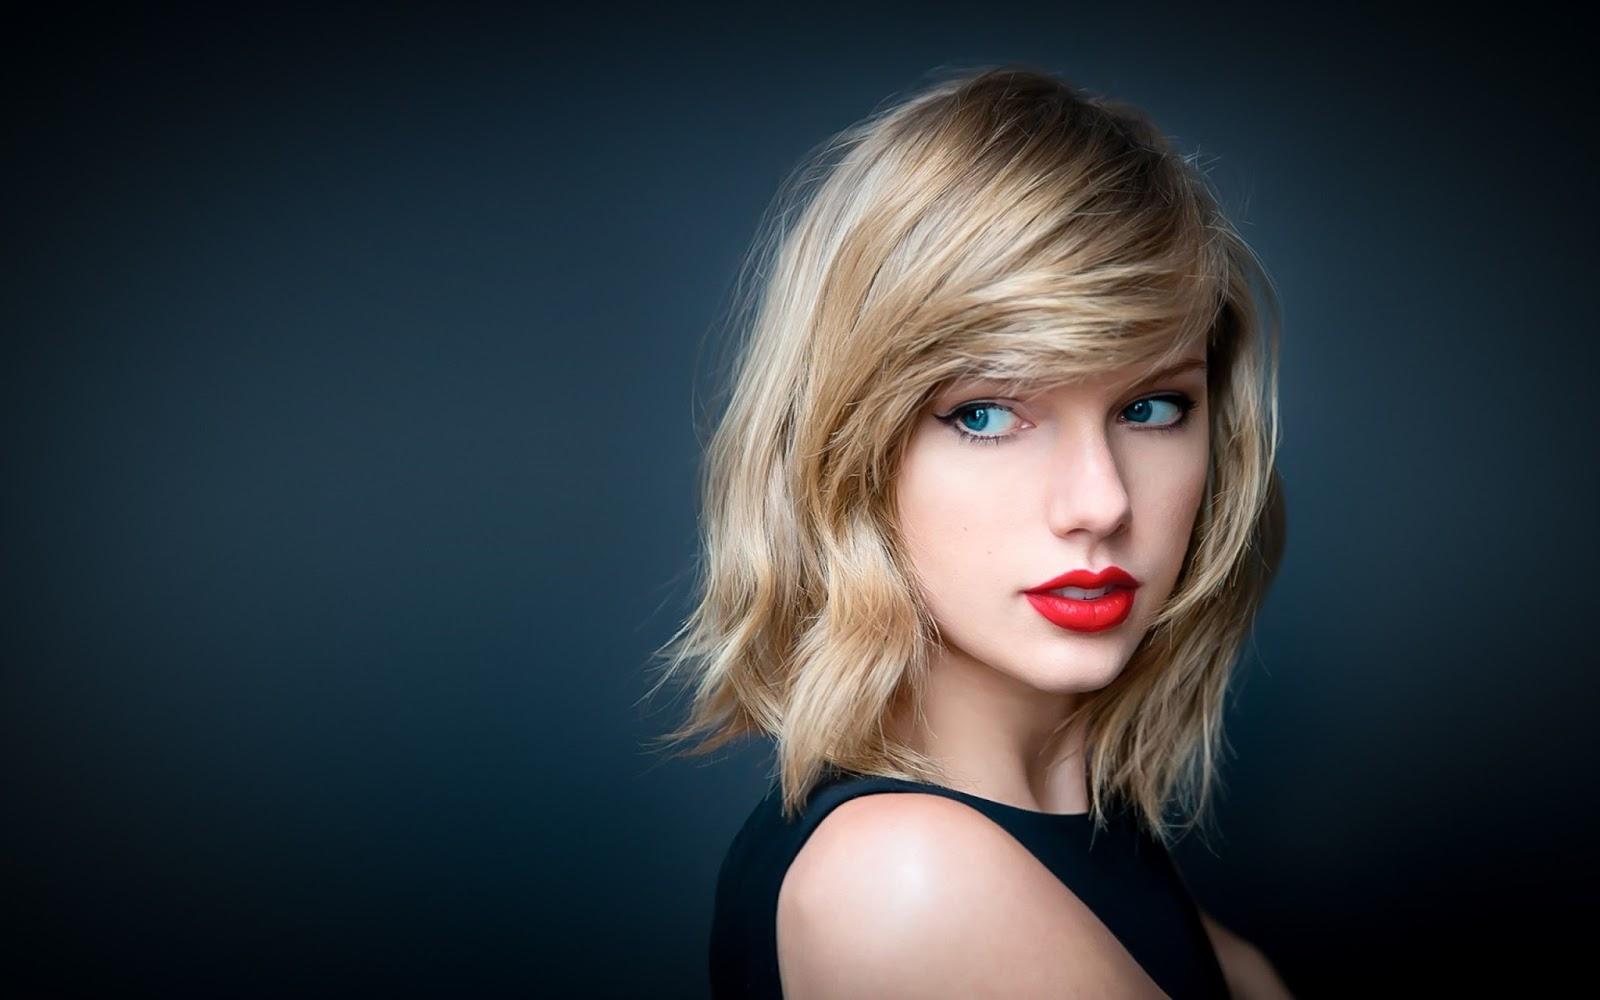 Taylor Swift Red Lips Wallpaper HD